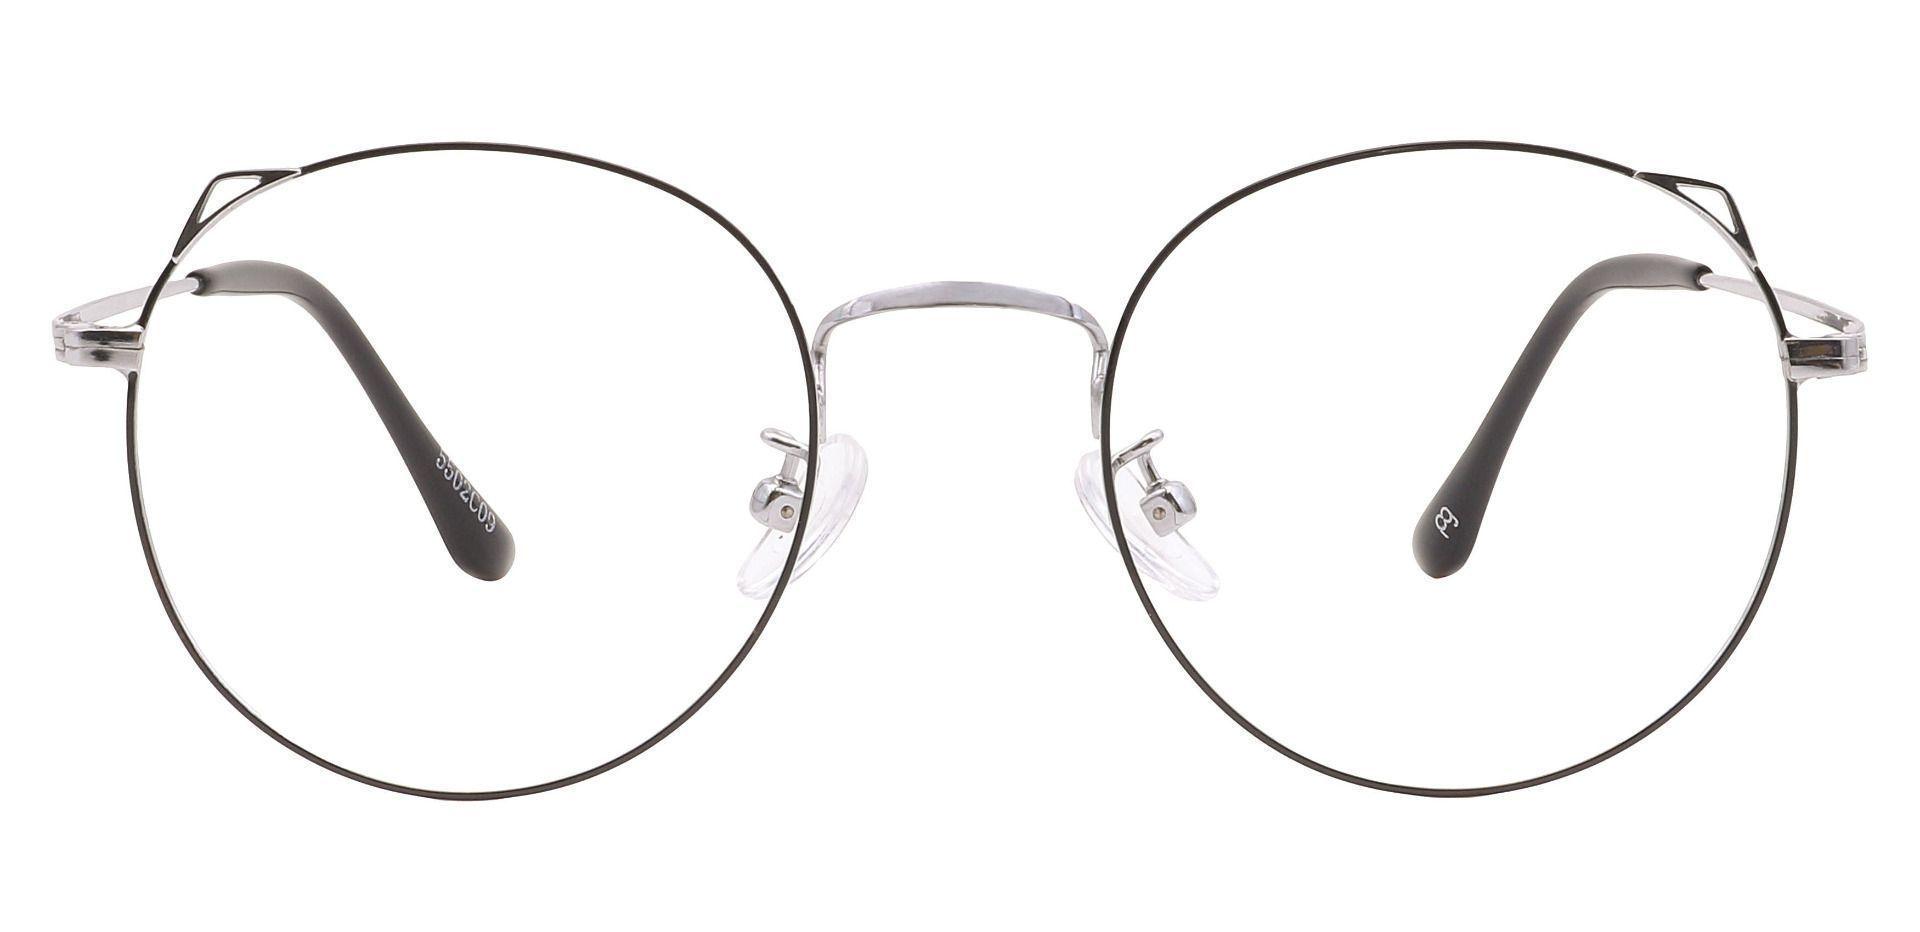 Victoria Round Prescription Glasses - Silver/black